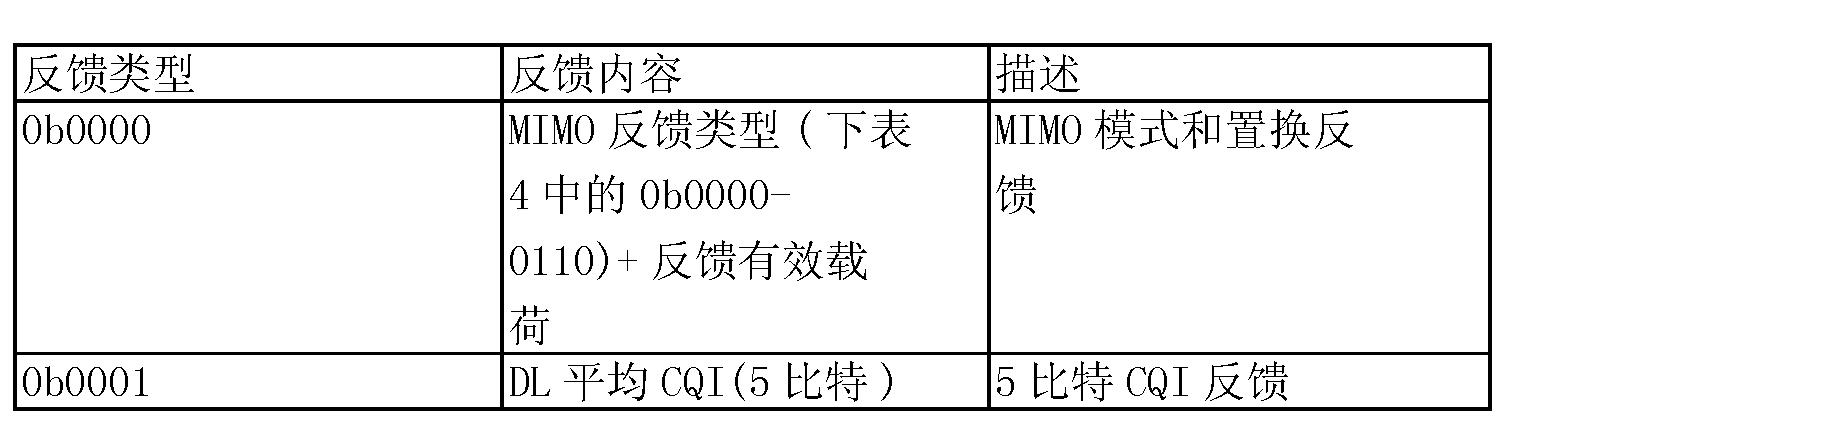 Figure CN101156322BD00172